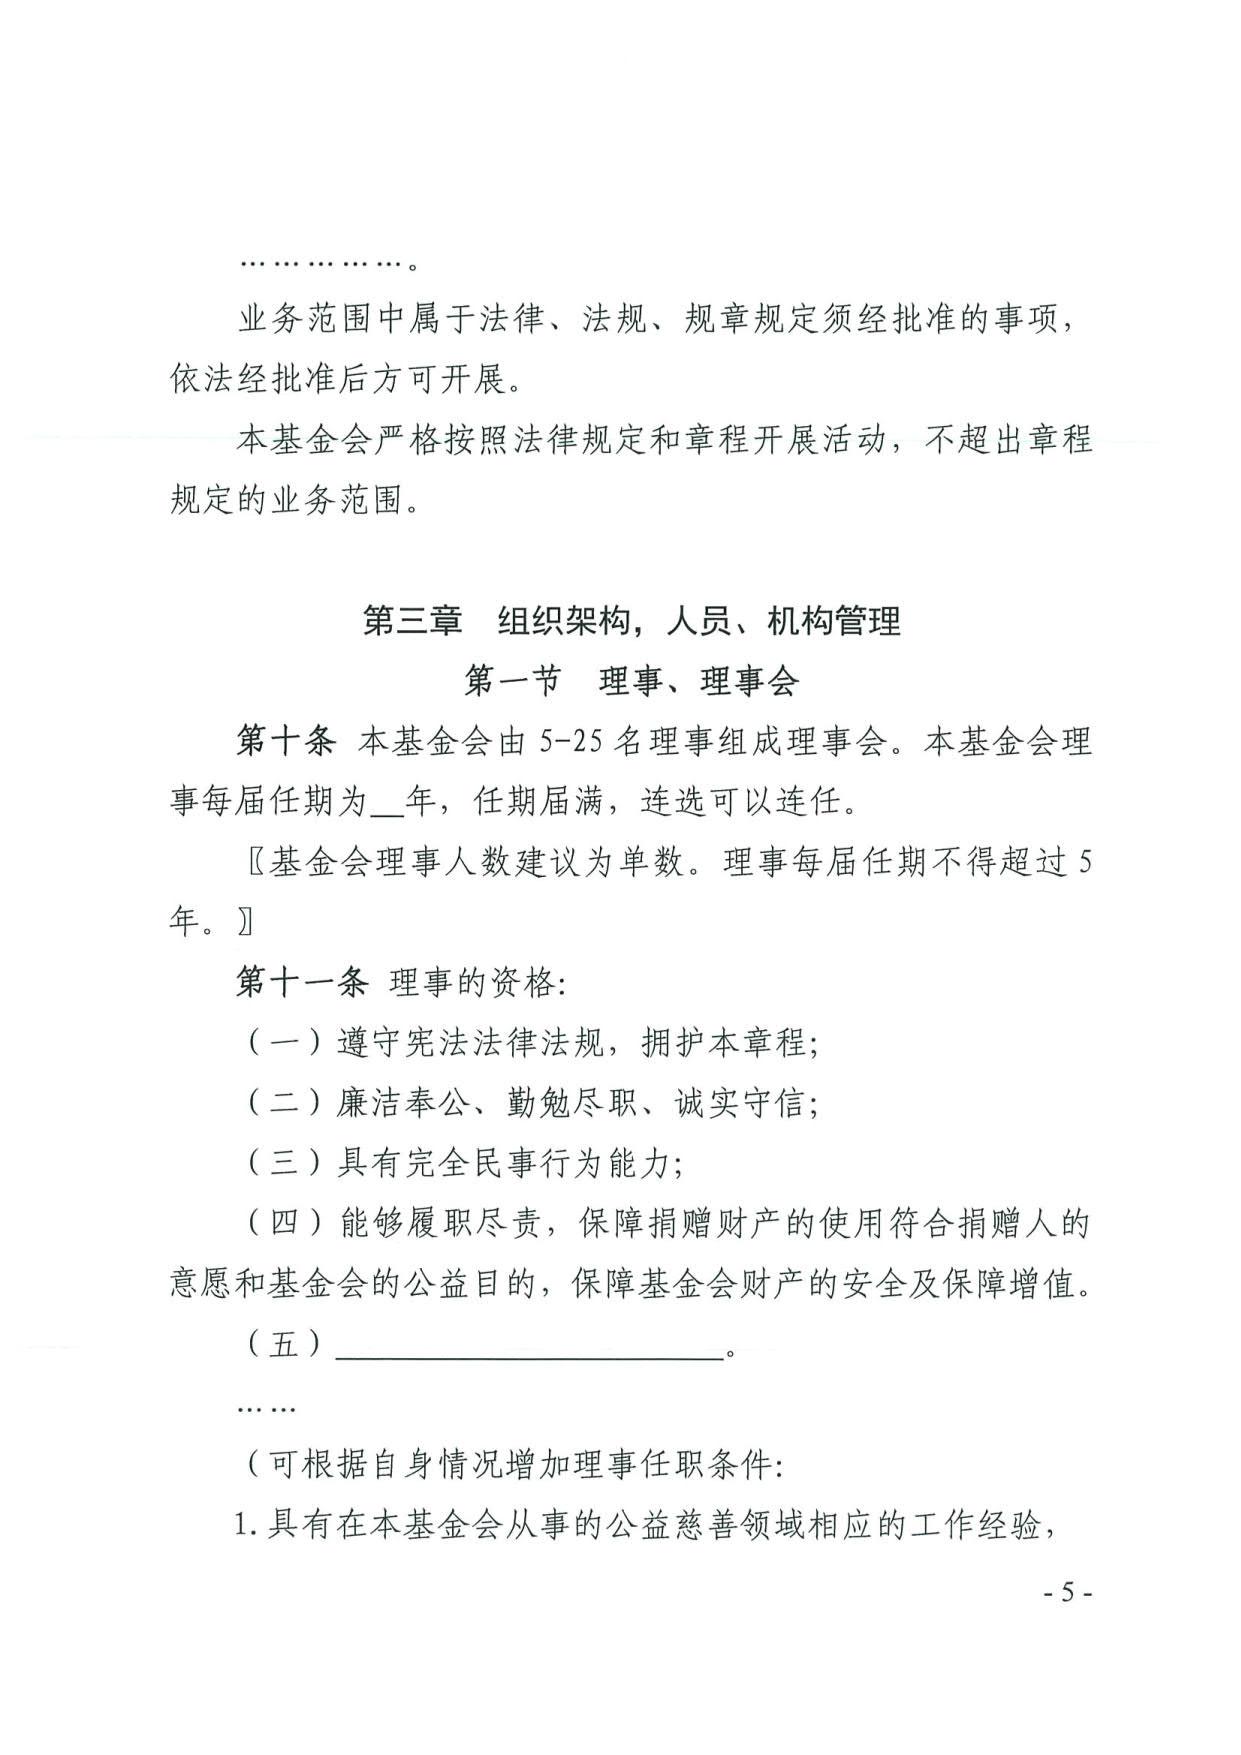 广东省民政厅关于印发《广东省基金会章程示范文本》的通知(4)_05.jpg